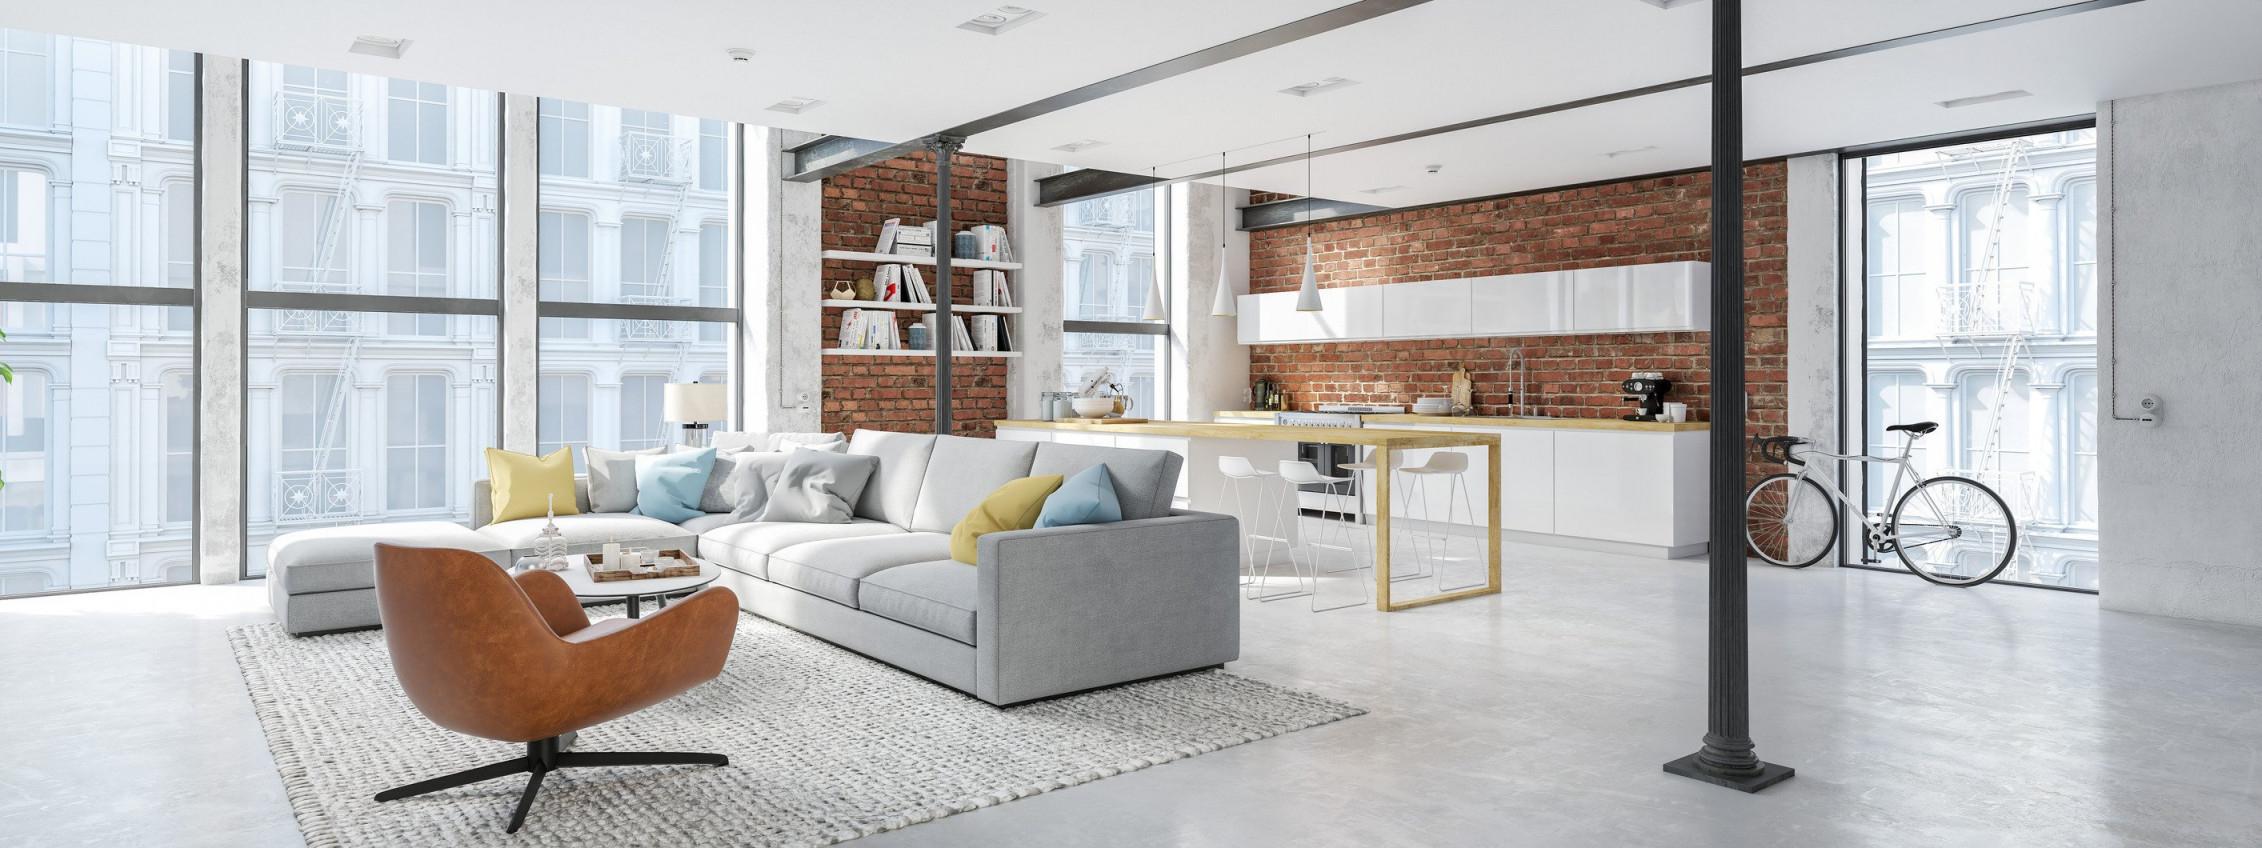 Wohnung Einrichten 9 Ideen Rund Um Farben Materialien Und von Wohnzimmer L Form Einrichten Photo